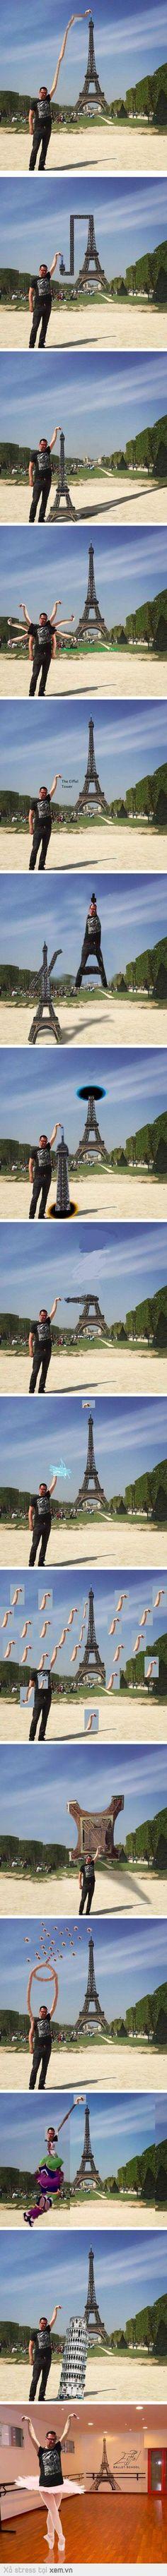 Nhờ thánh photoshop chế tay chạm vào tháp... nhận trái đắng =))